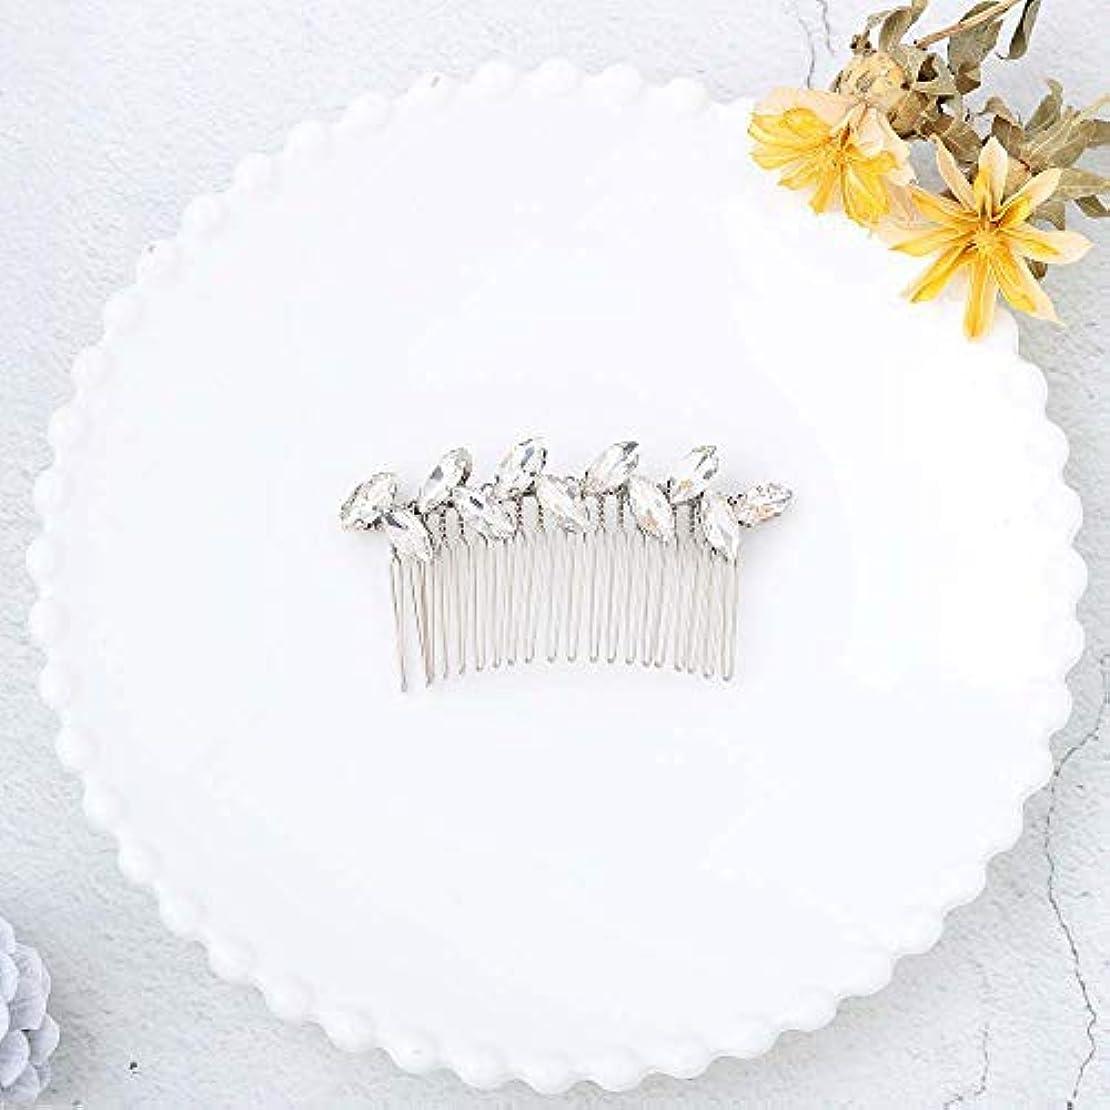 会員引っ張るアリーナJovono Bride Wedding Hair Comb Bridal Headpieces with White Rhinestone for Women and Girls (Silver) [並行輸入品]